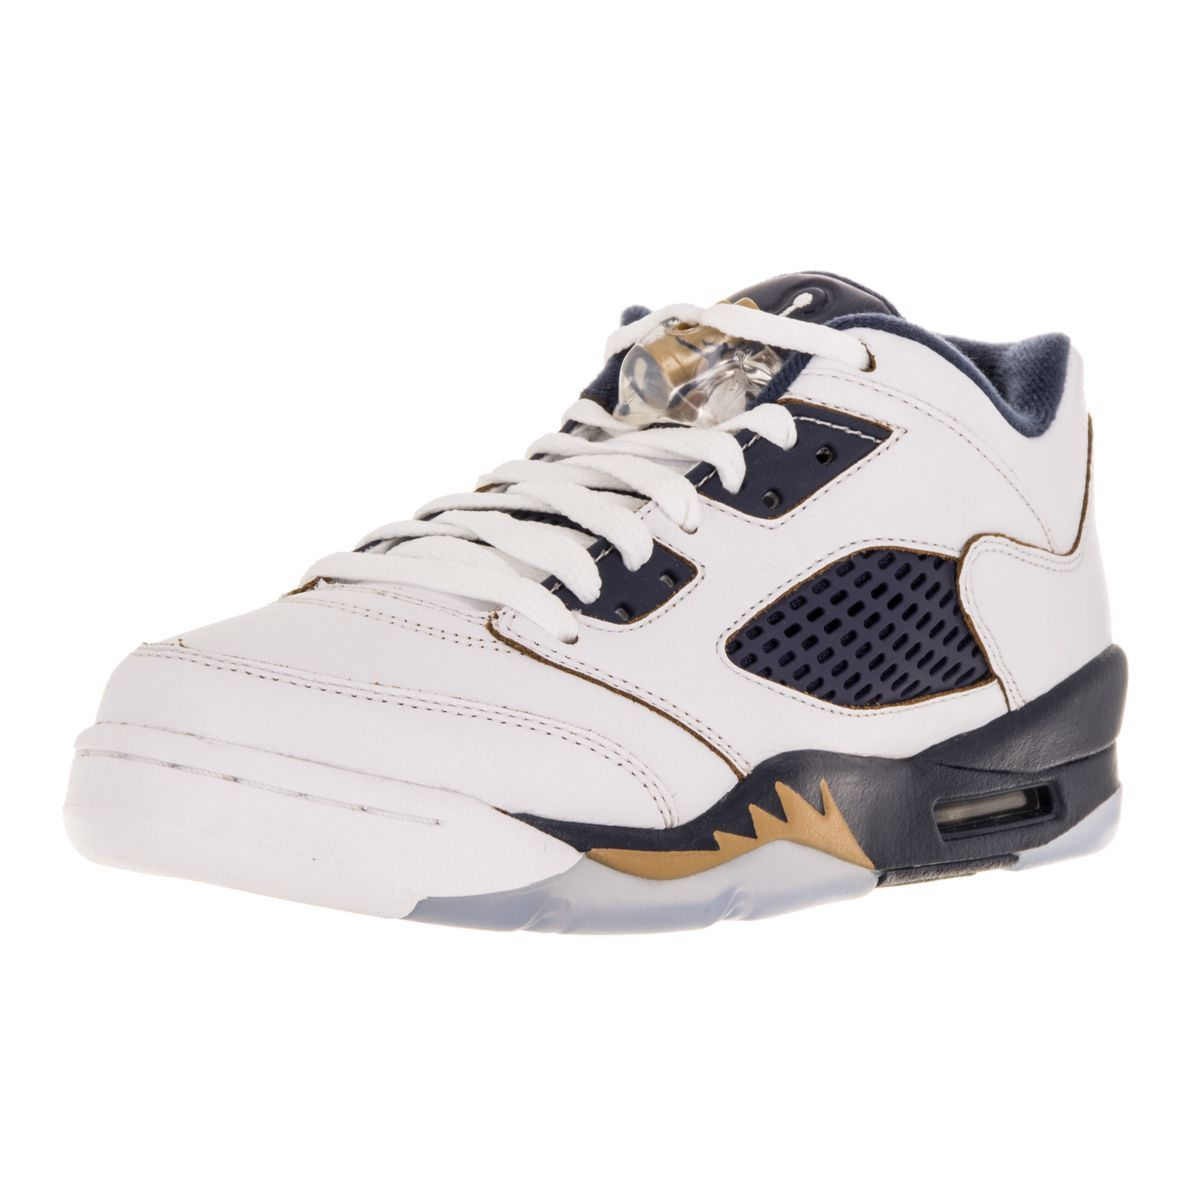 Nike Jordan Kid S Air Jordan 5 Retro Low Gs White